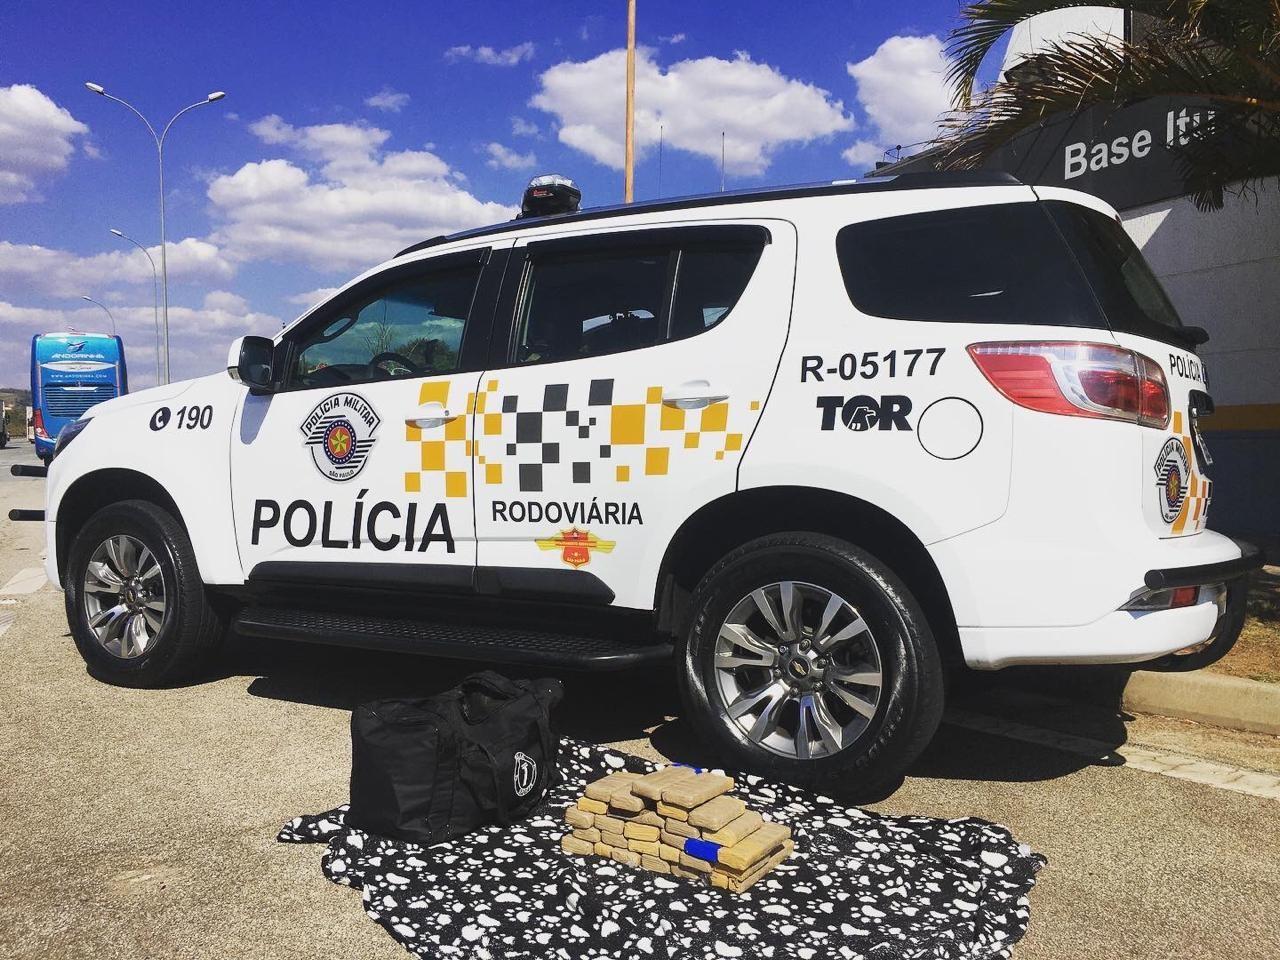 Passageiro de ônibus é preso após ser flagrado com mais de 30 tijolos de maconha em rodovia de Itu